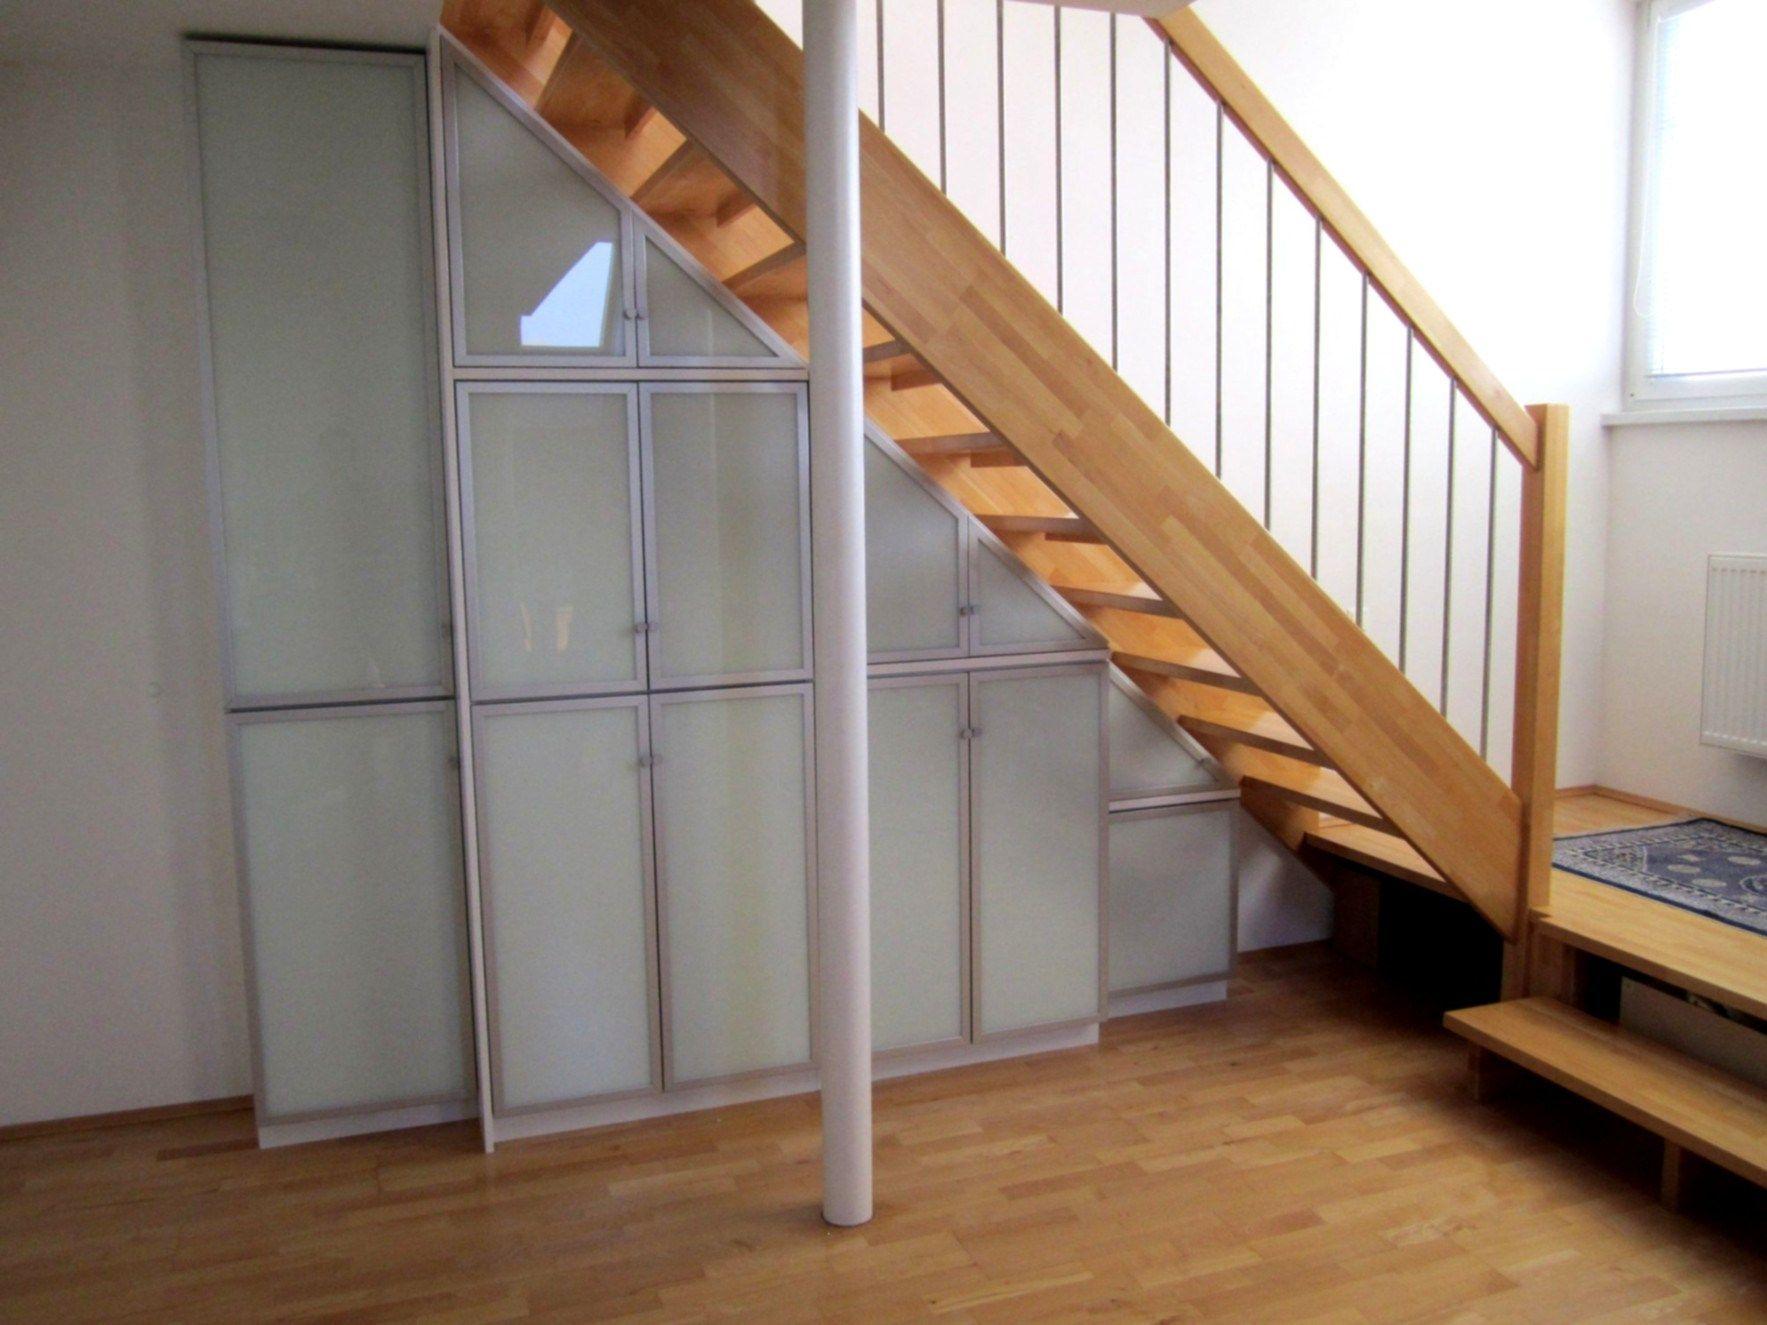 Schon Schrank Unter Treppe Decor Stairs Home